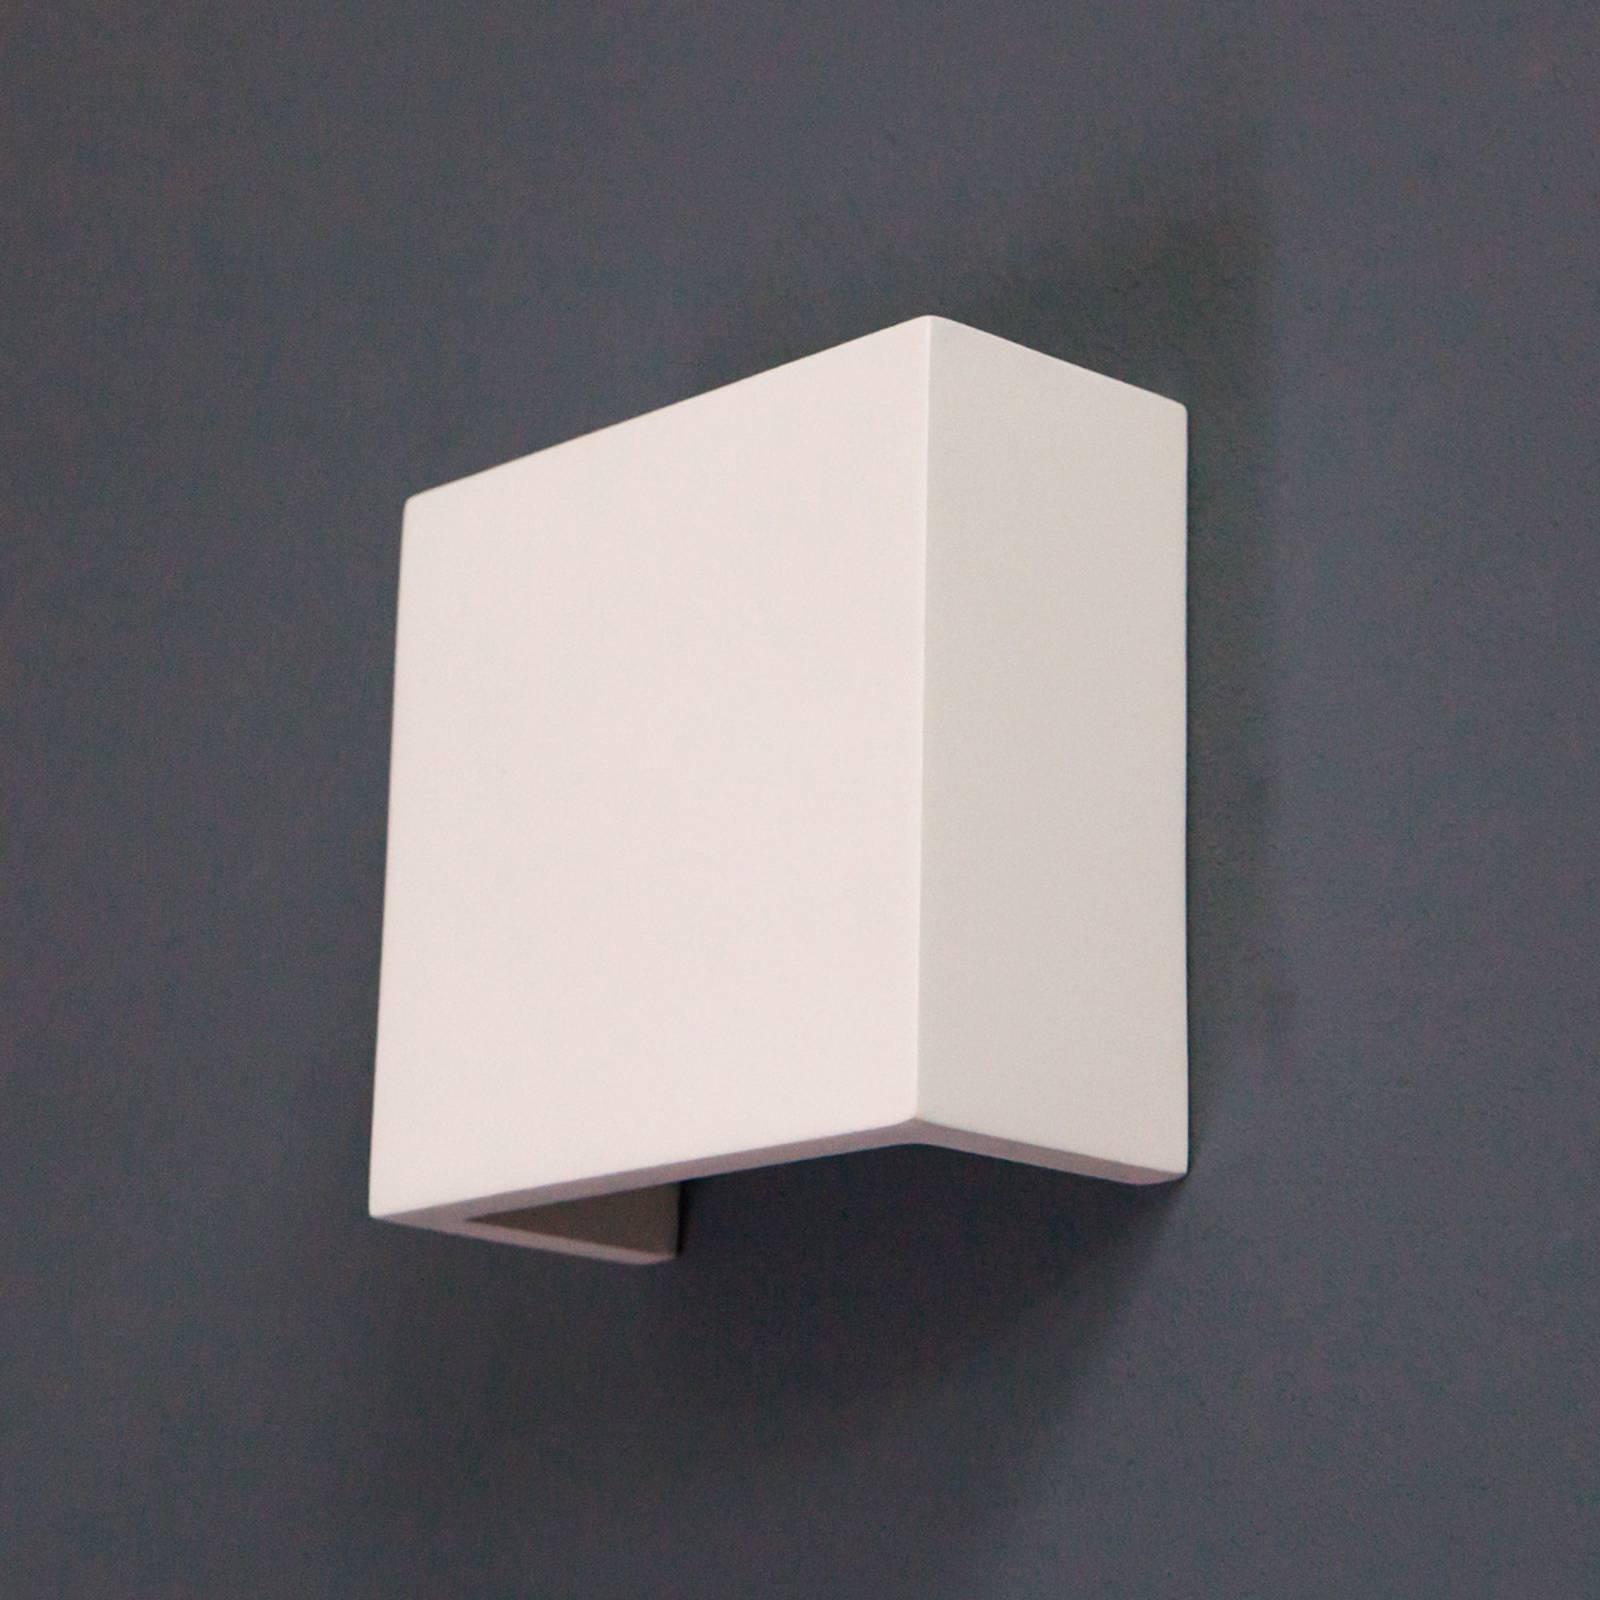 Fabiola-LED-seinävalaisin kipsiä, korkeus 12,5 cm